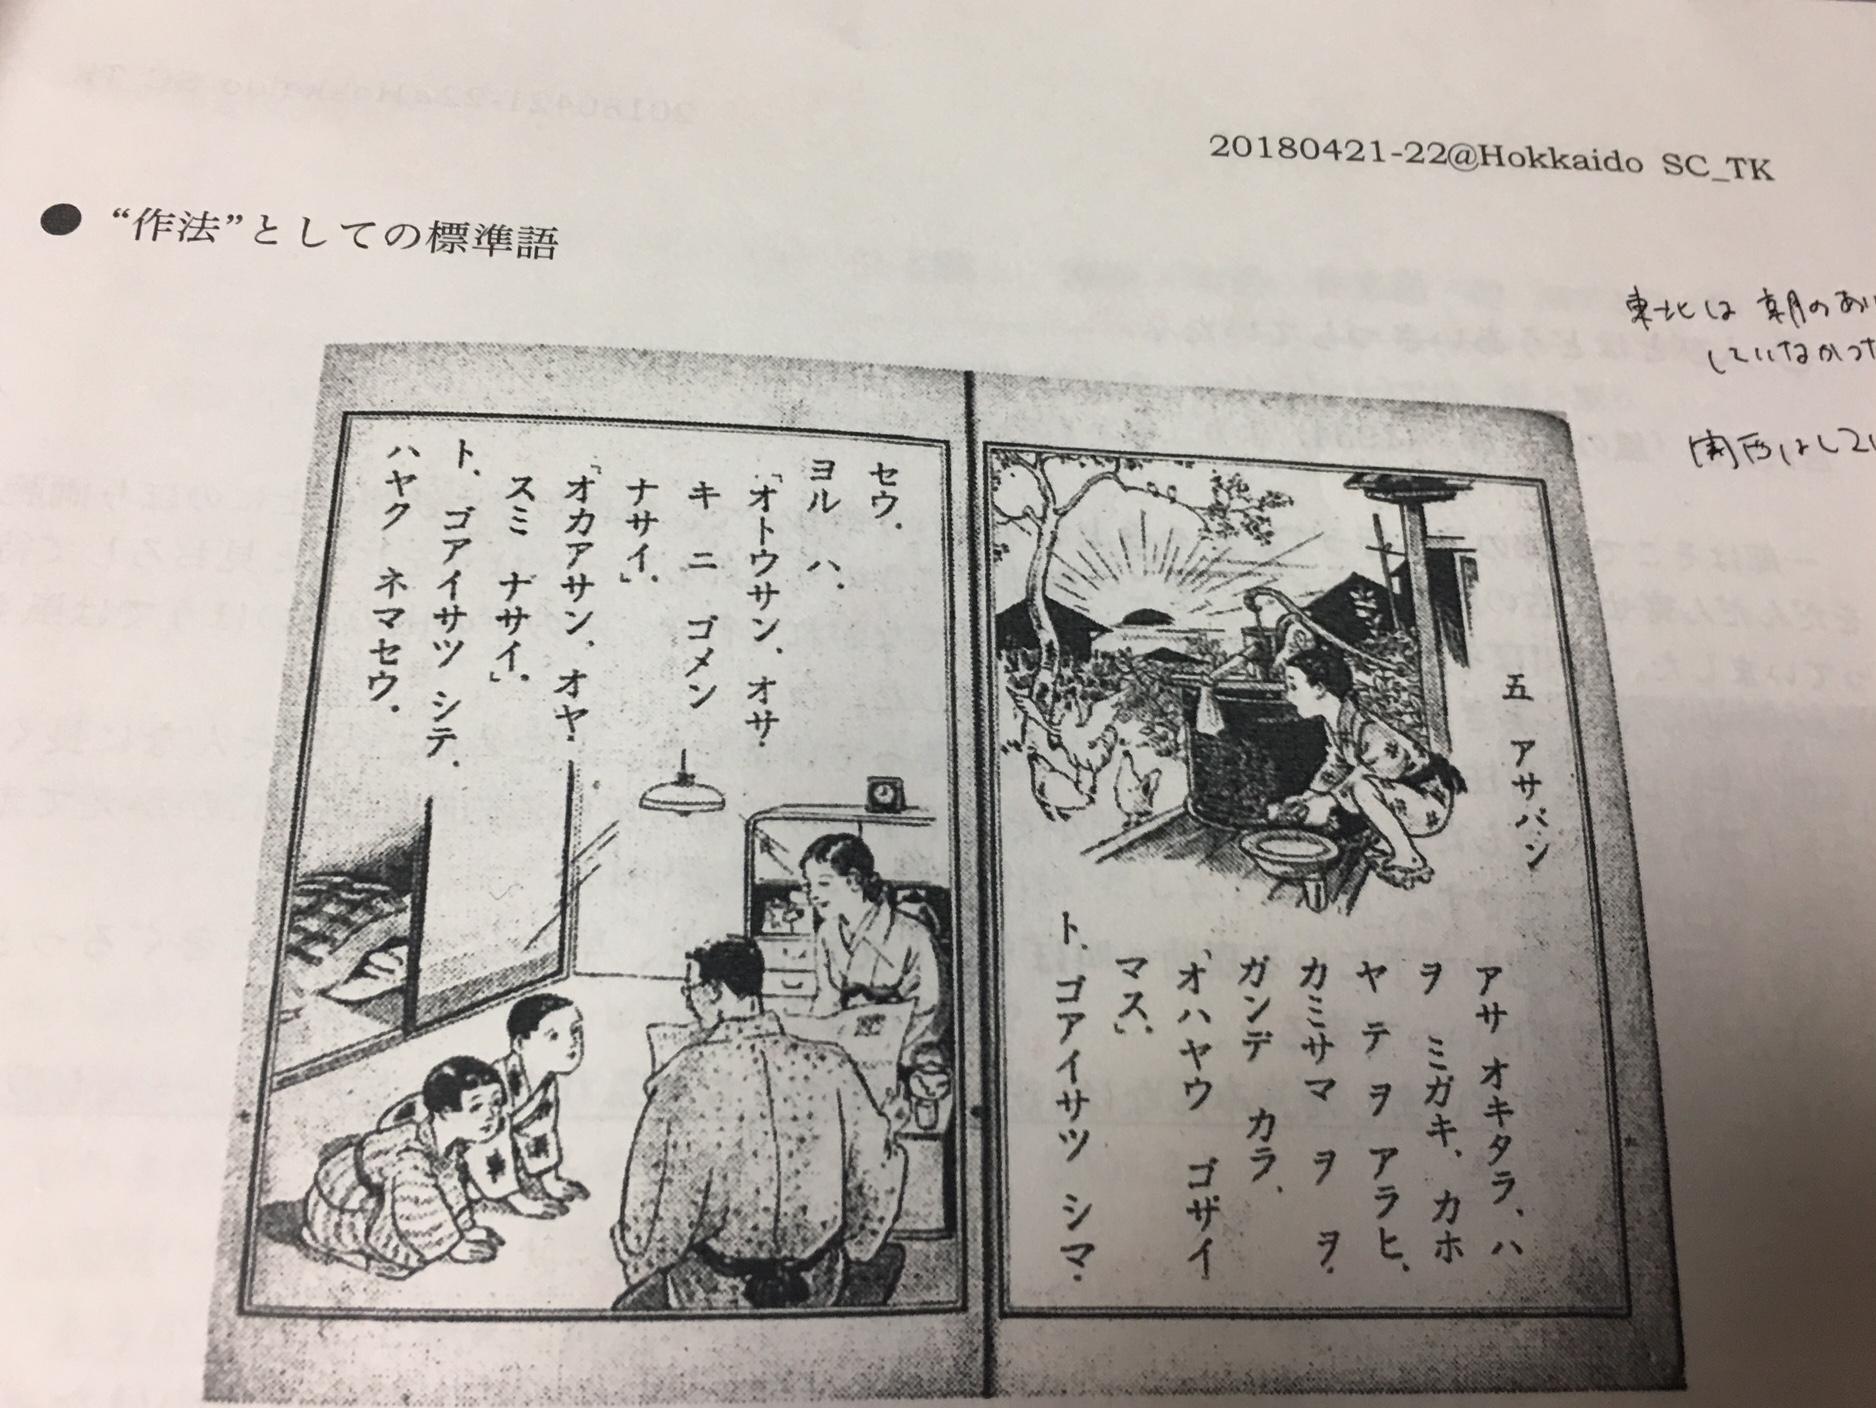 作法教育 http://www.ankh-jp.com